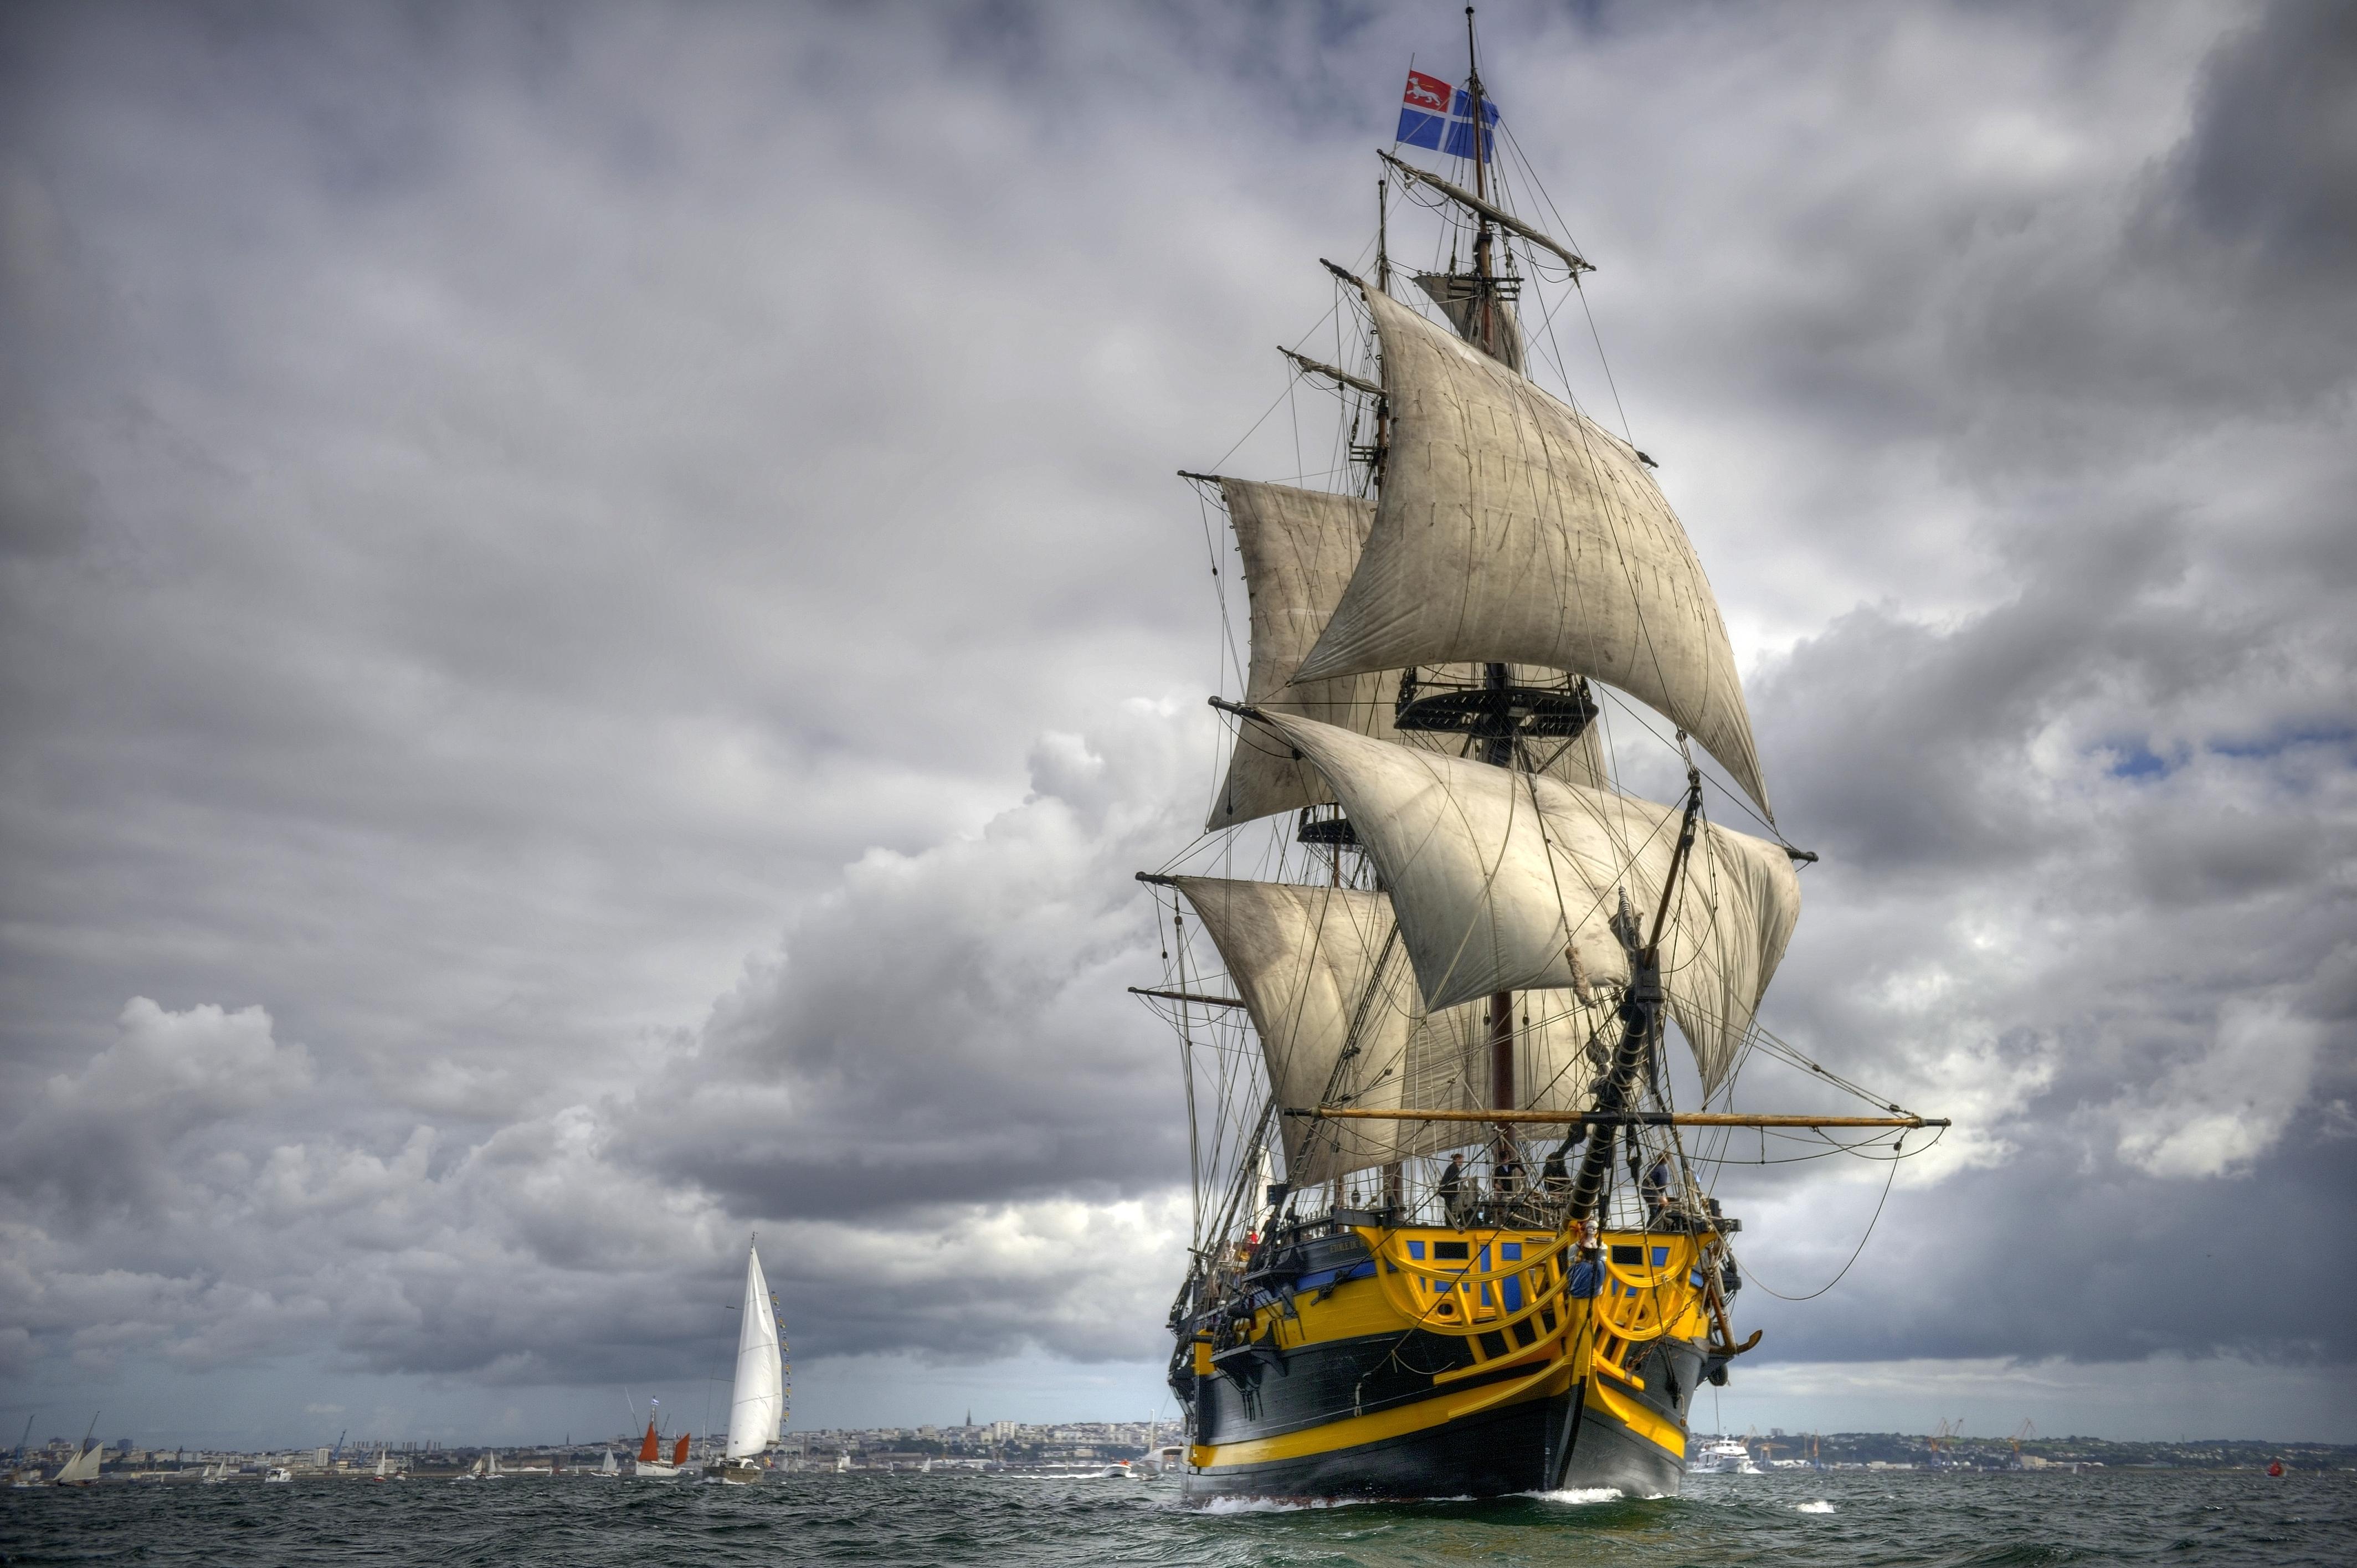 Sail Ship wallpaper 4255x2831 122015 WallpaperUP 4255x2831